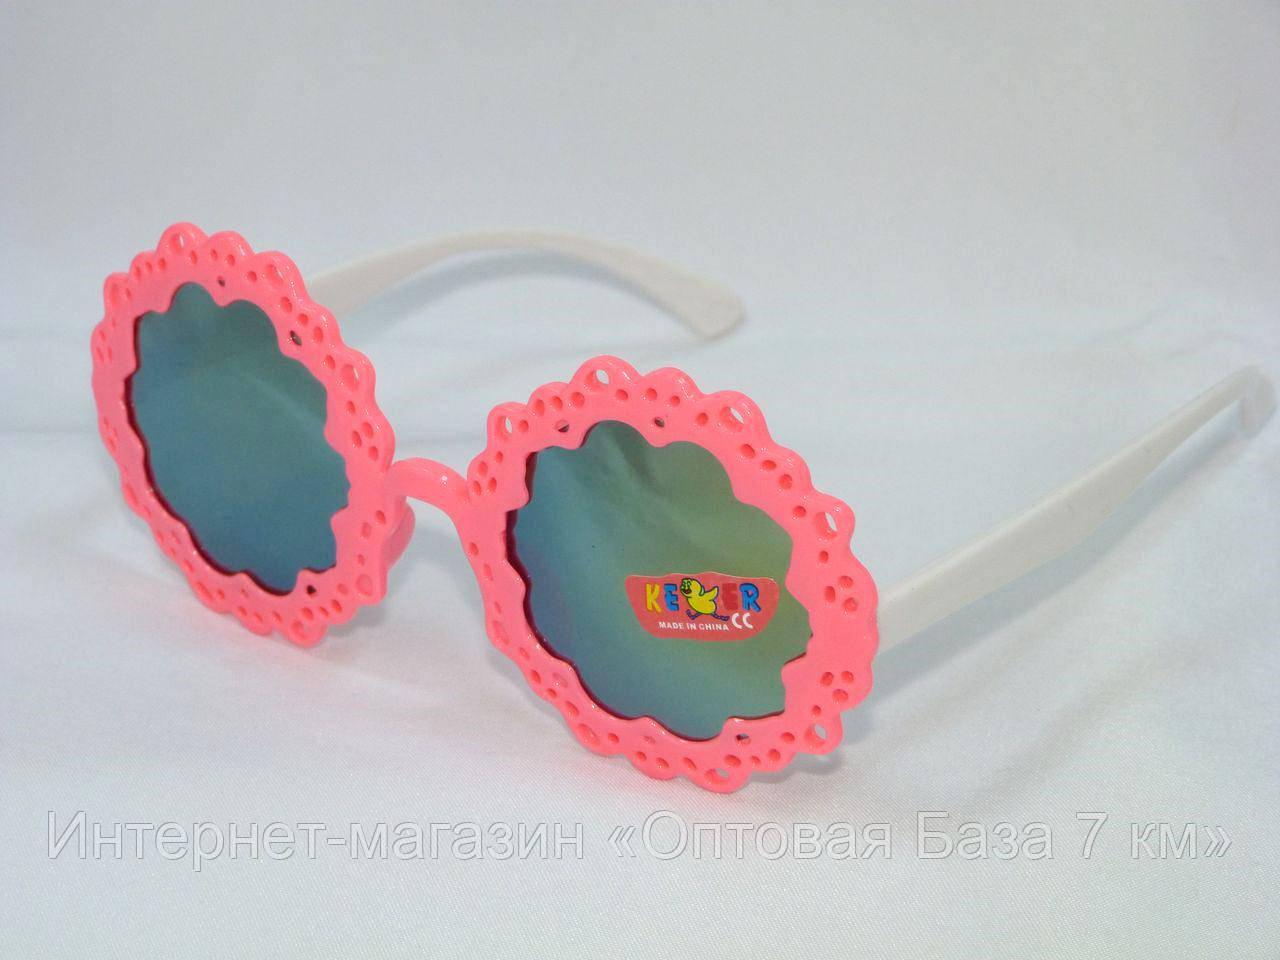 Детские солнцезащитные очки оптом купить в Одессе со склада 7 км ... 5f75be9fc191d